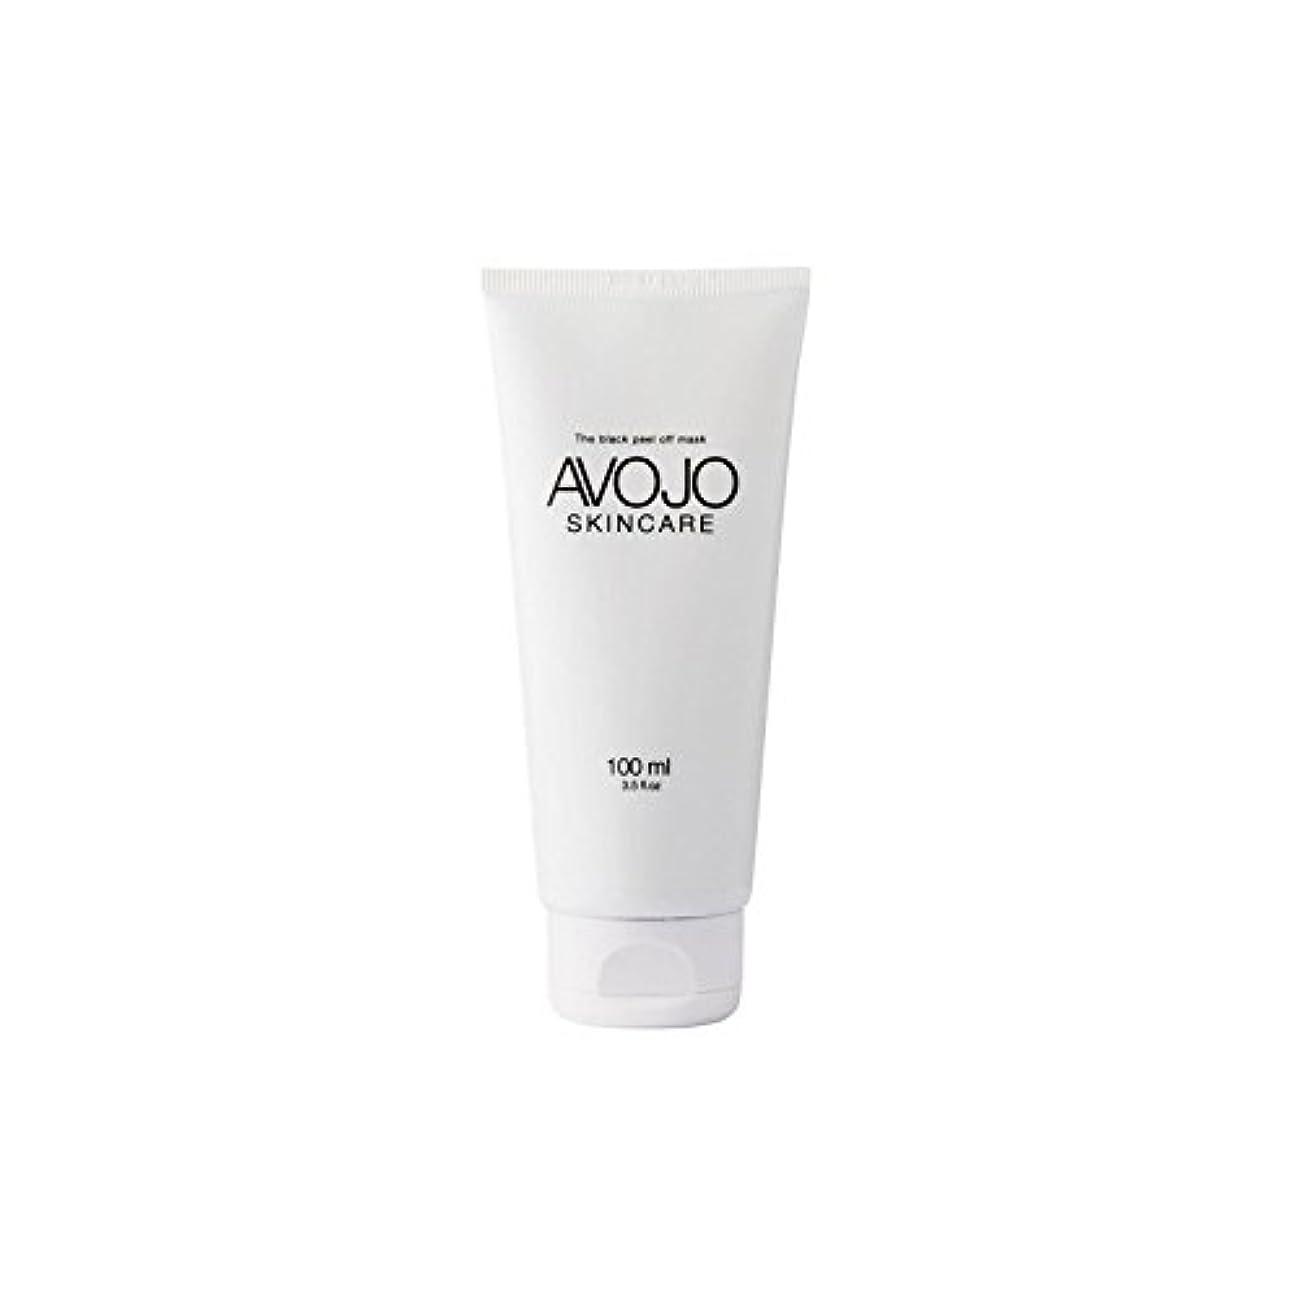 識別する気怠い軽蔑するAvojo - The Black Peel Off Mask - (Bottle 100ml) - - 黒皮オフマスク - (ボトル100ミリリットル) [並行輸入品]